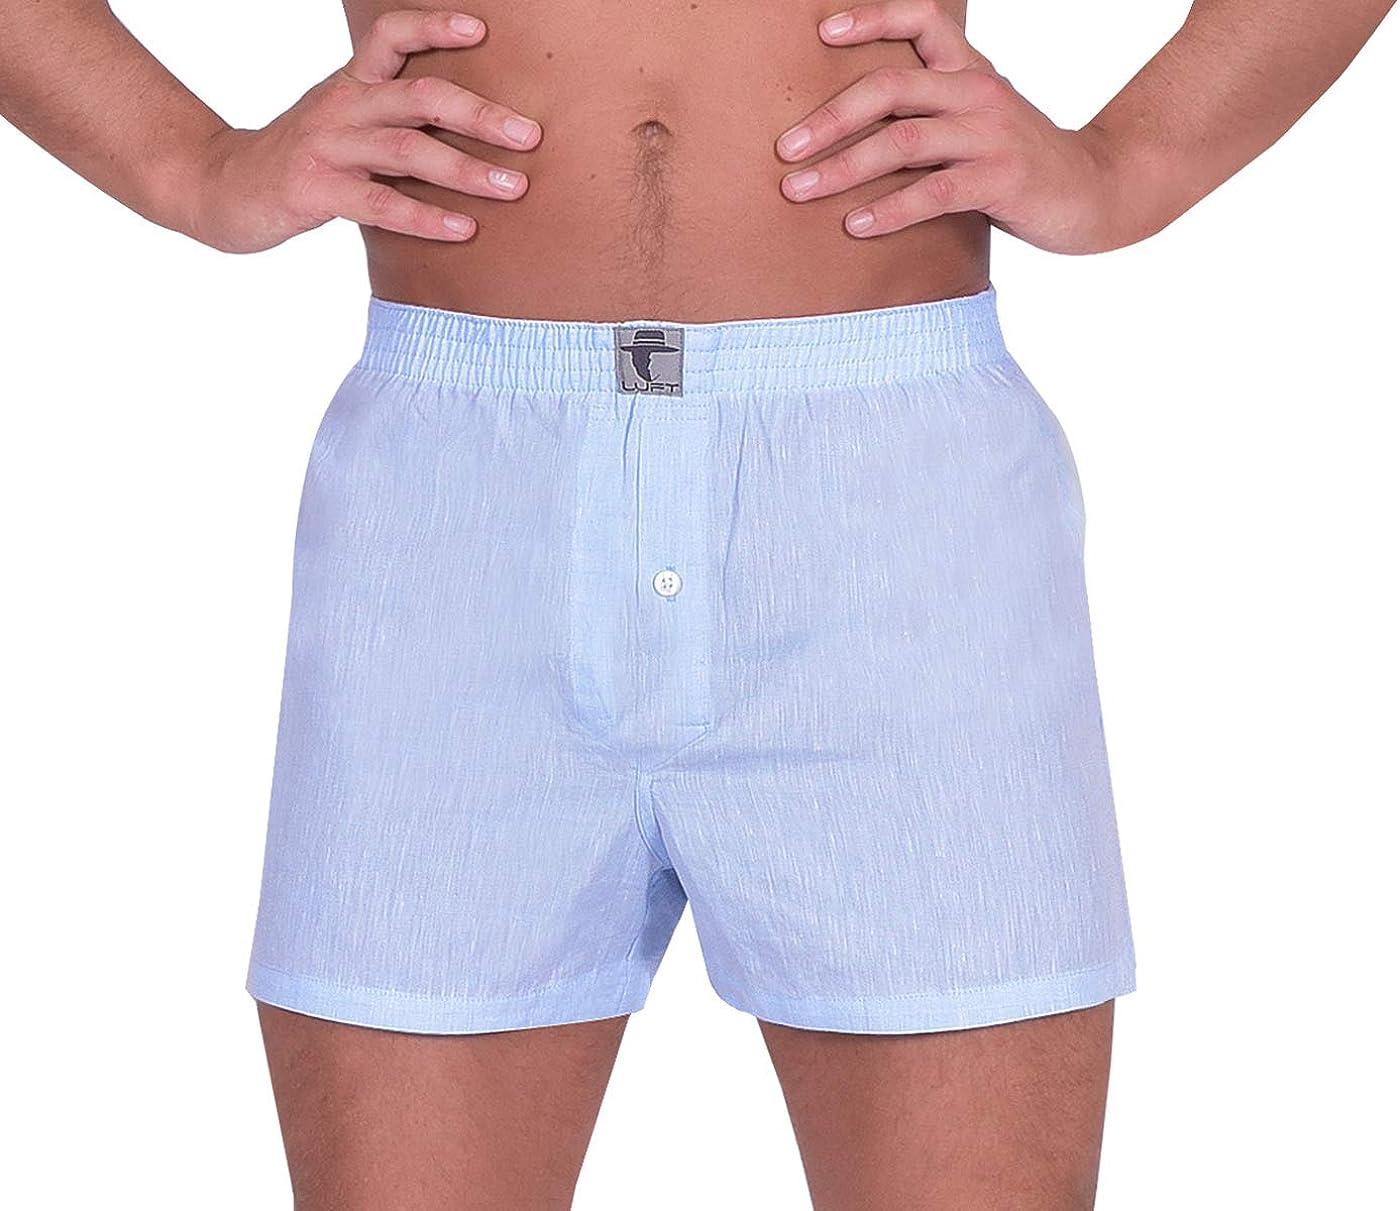 LUFT Mens Fine Linen Soft Stretch Elastic Waistband Underwear Boxer Shorts